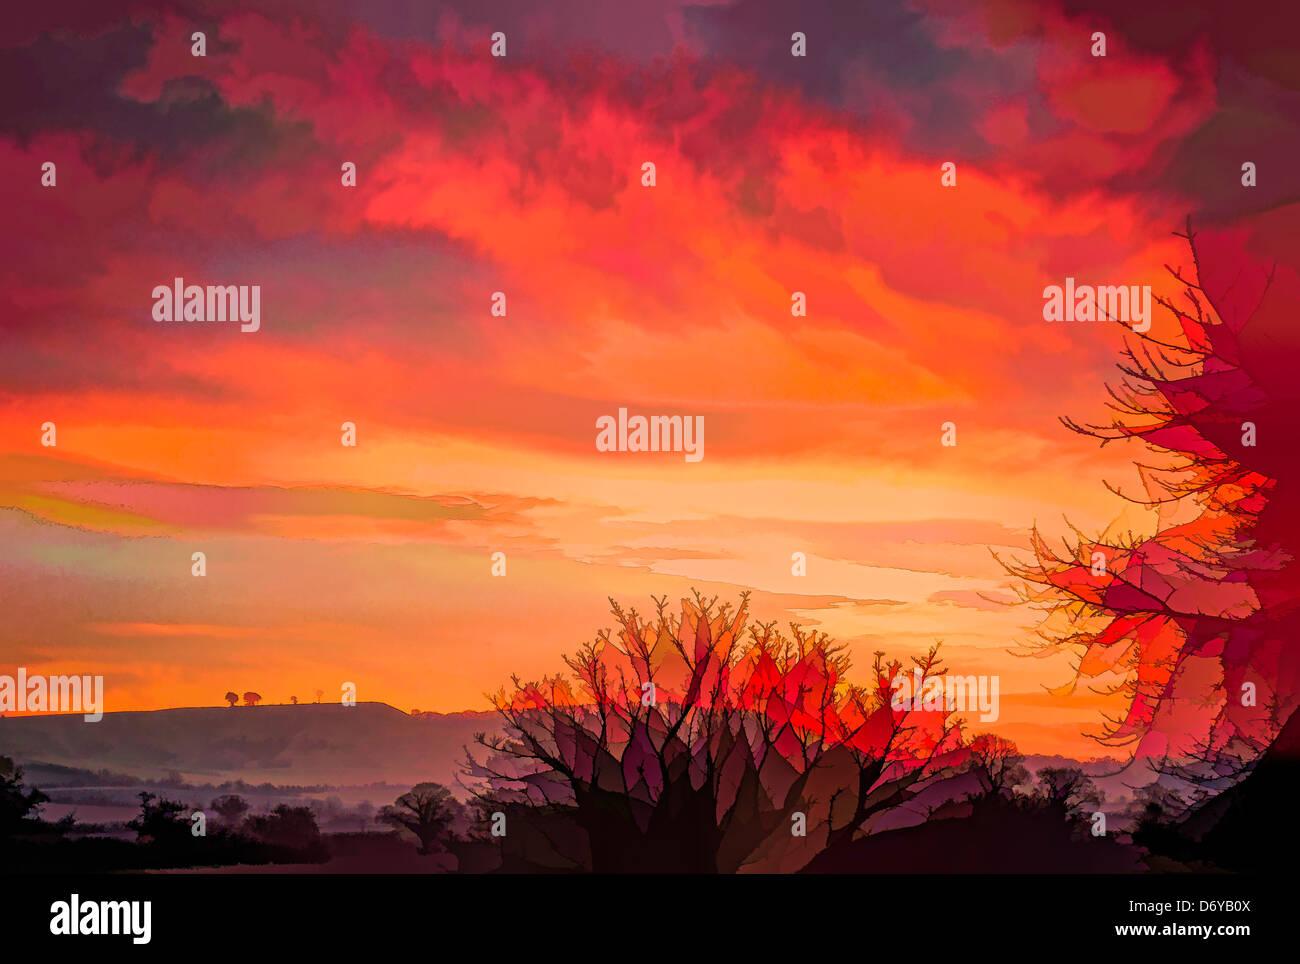 La deliberata interpretazione artistica del paesaggio originale fotografia per simulare il riscaldamento globale Immagini Stock